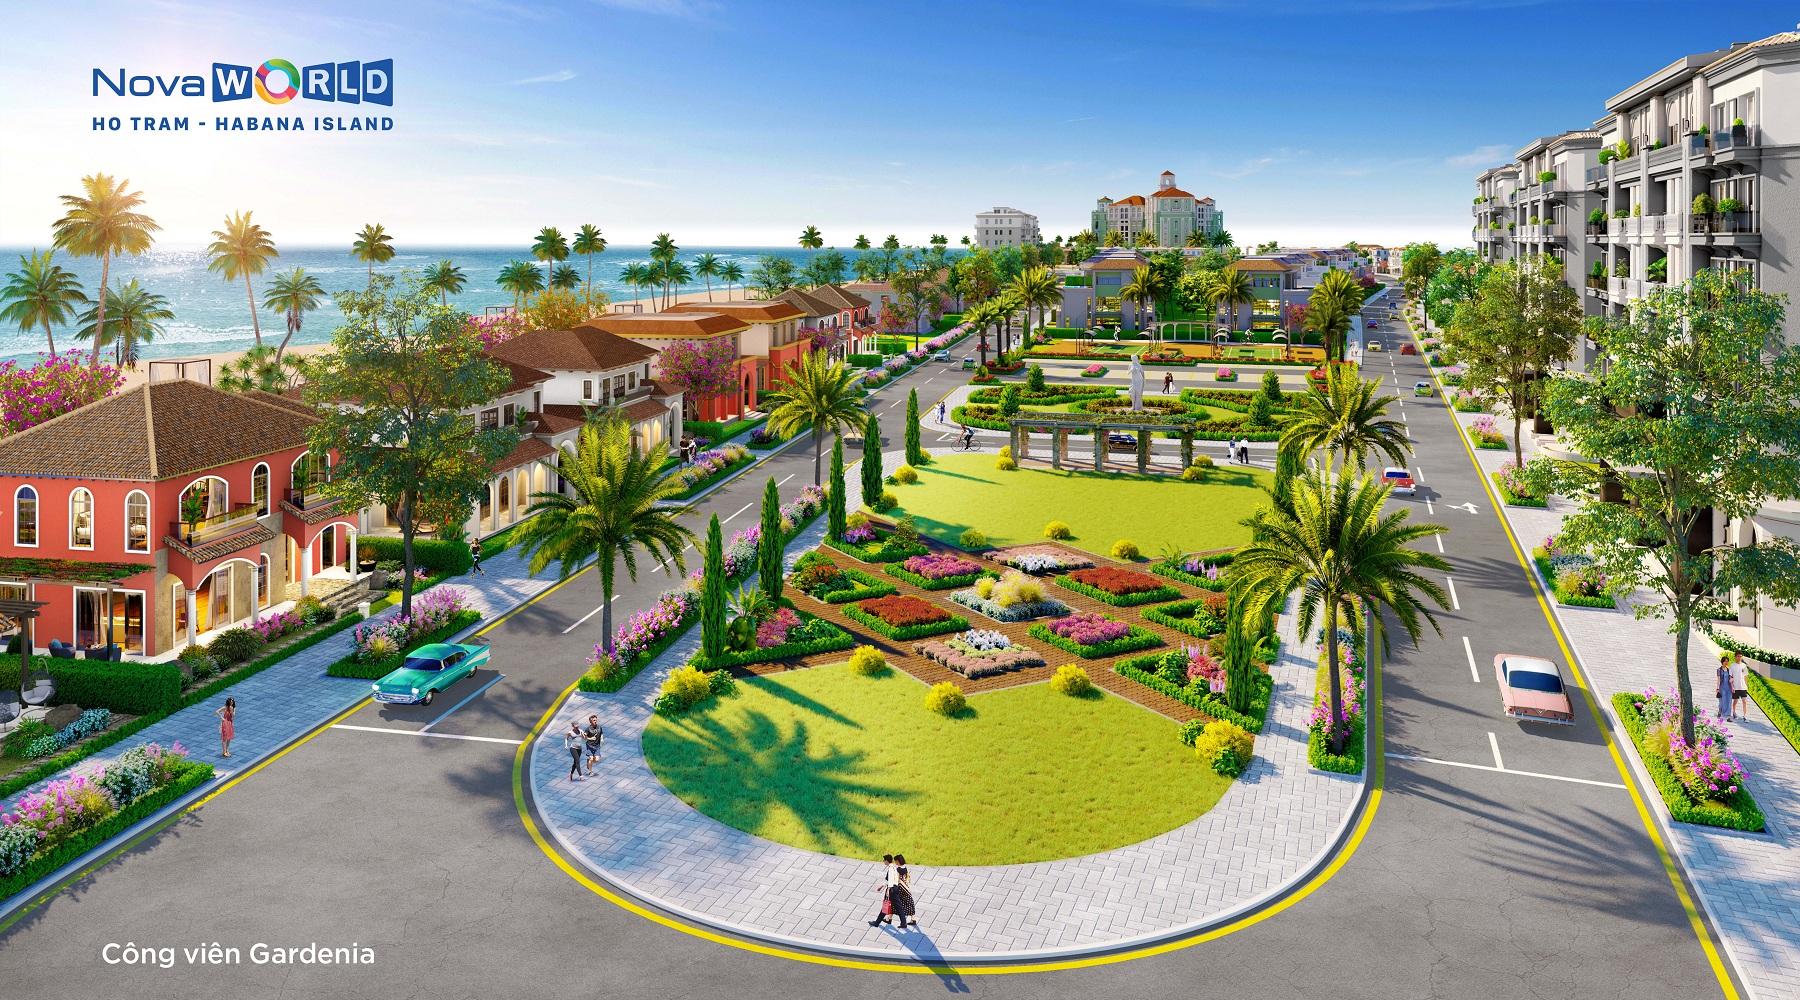 Habana Island: Tâm điểm thu hút giới nhà giàu tại Hồ Tràm